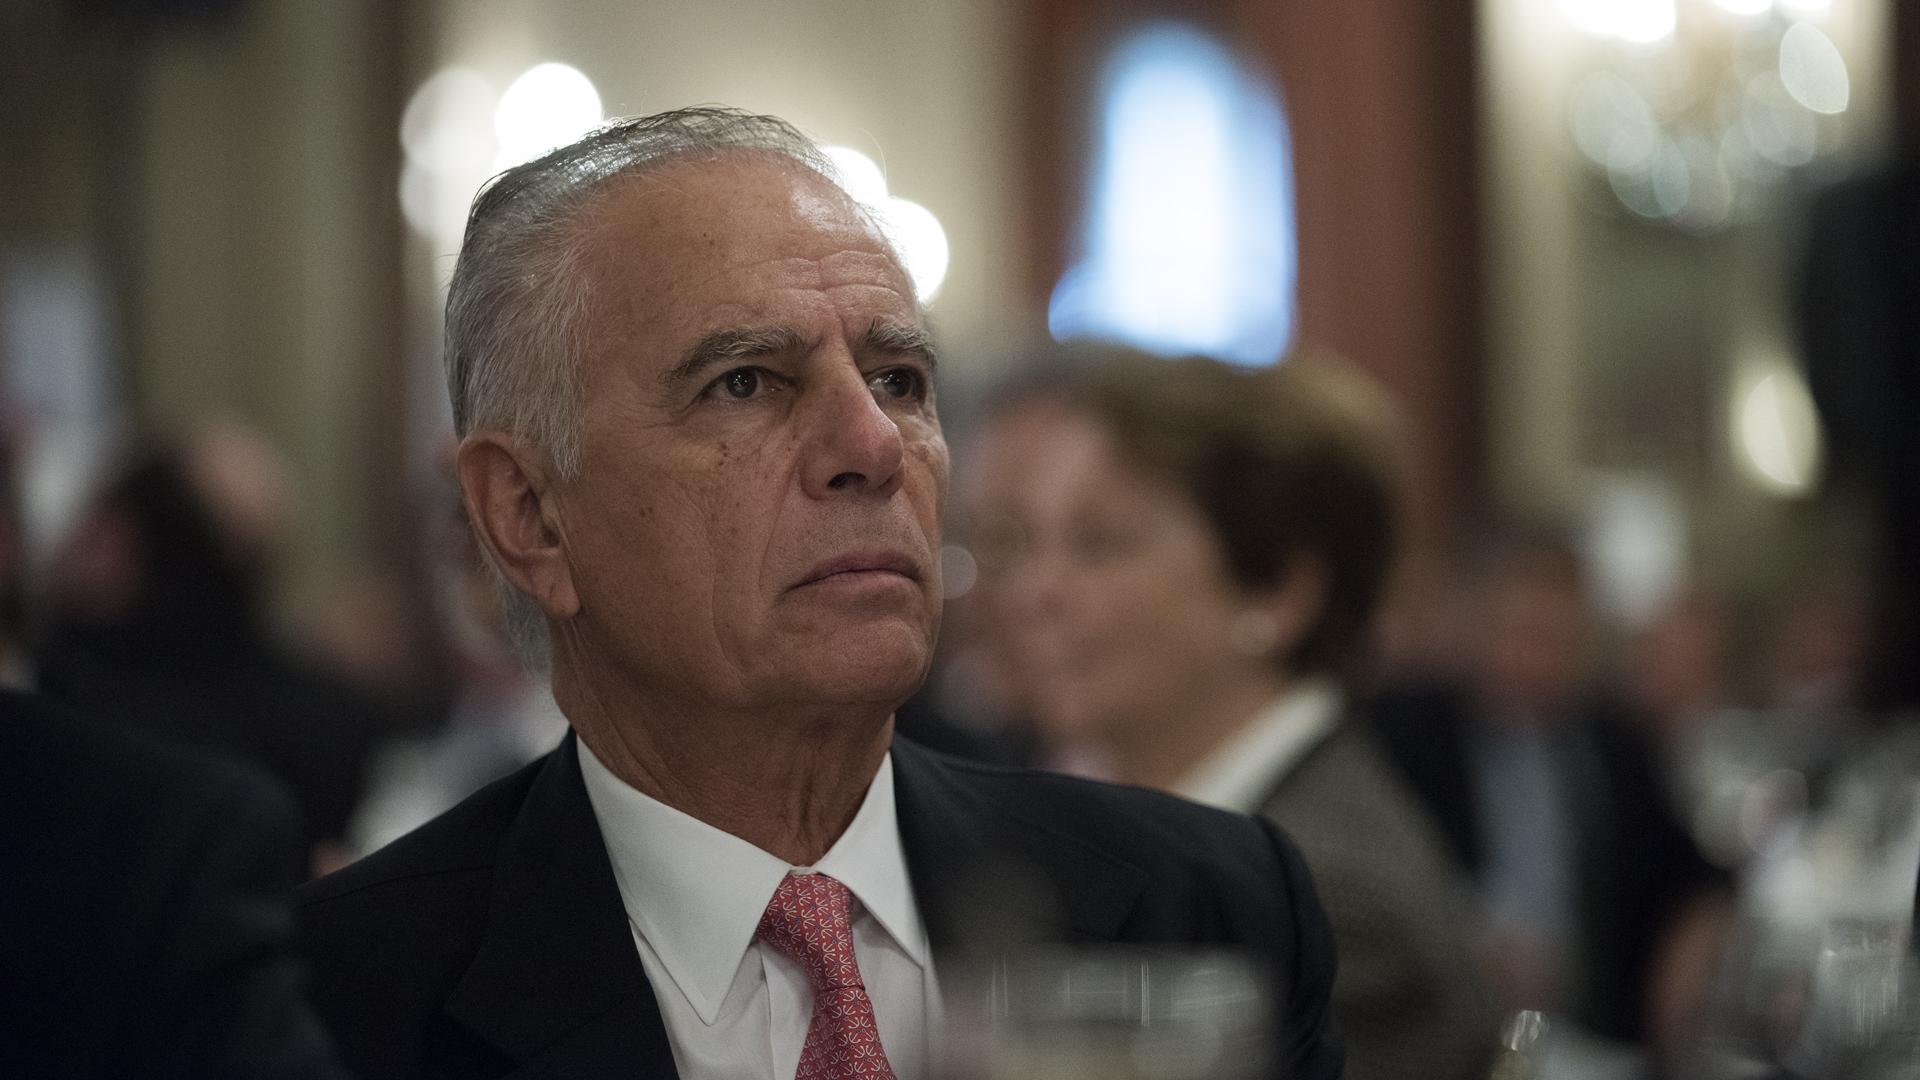 El empresario Alejandro Bulgheroni en un encuentro en Buenos Aires. (Adrián Escandar)